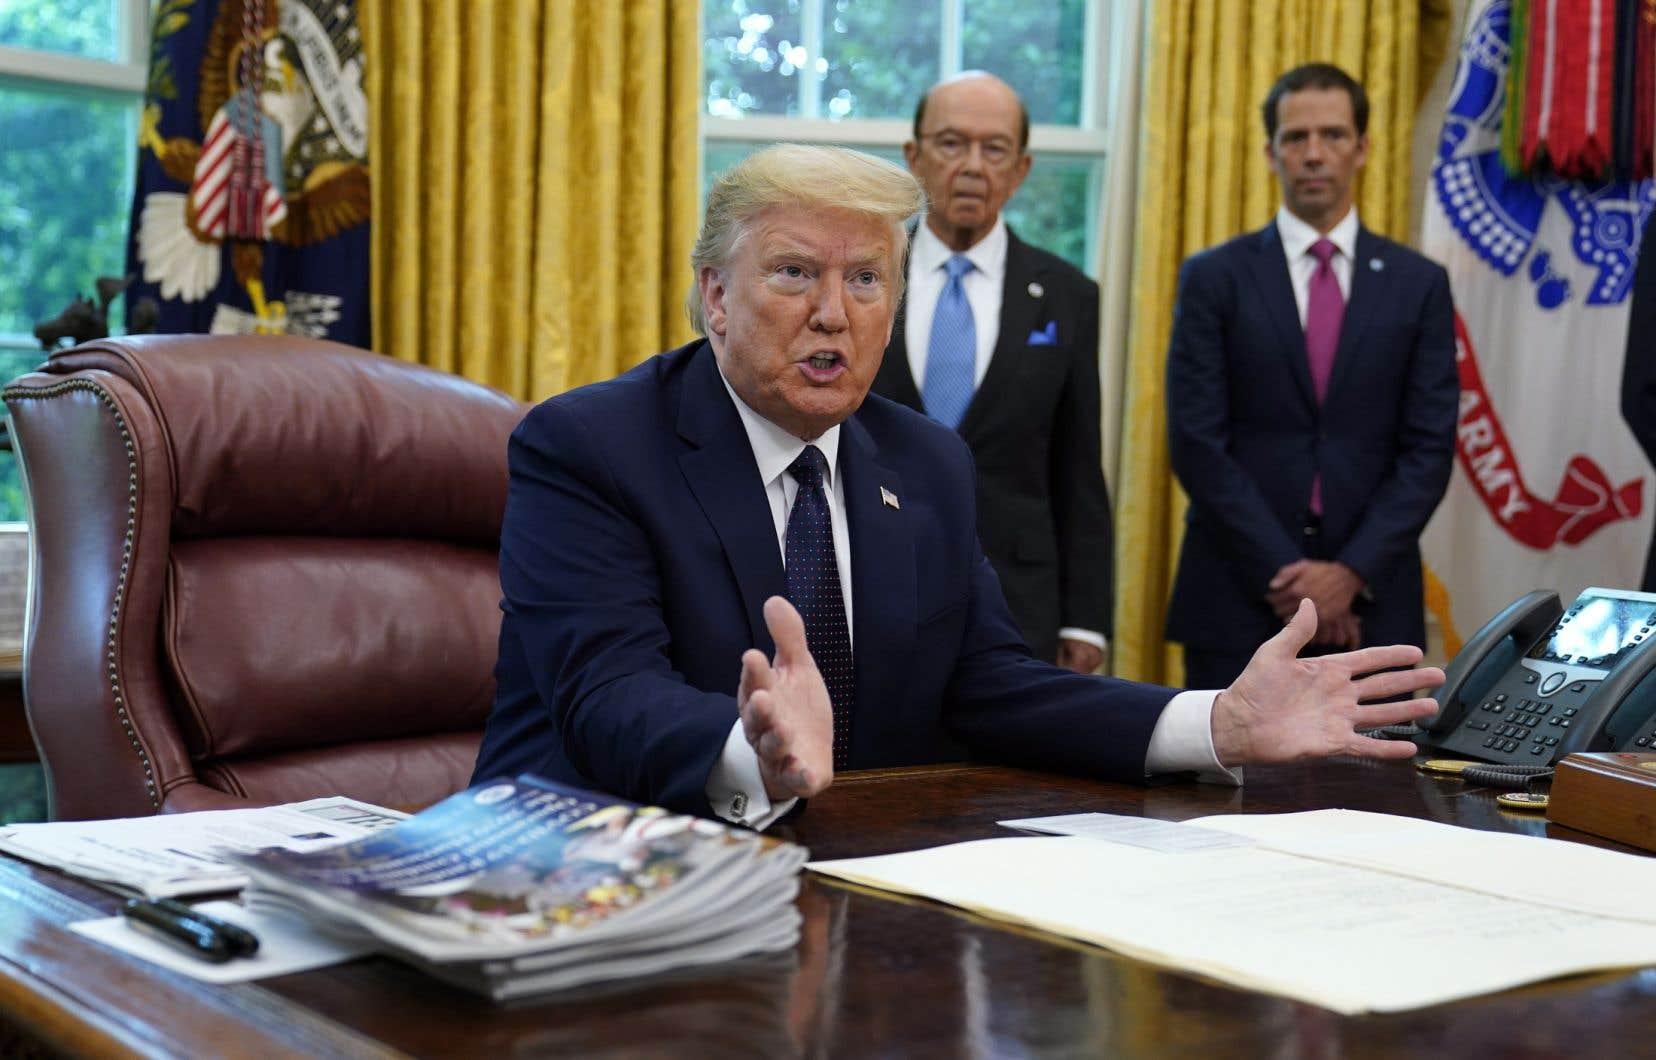 Trump a signé un décret visant en théorie à faciliter les poursuites contre les réseaux sociaux en cas de censure ou de blocage de contenus.